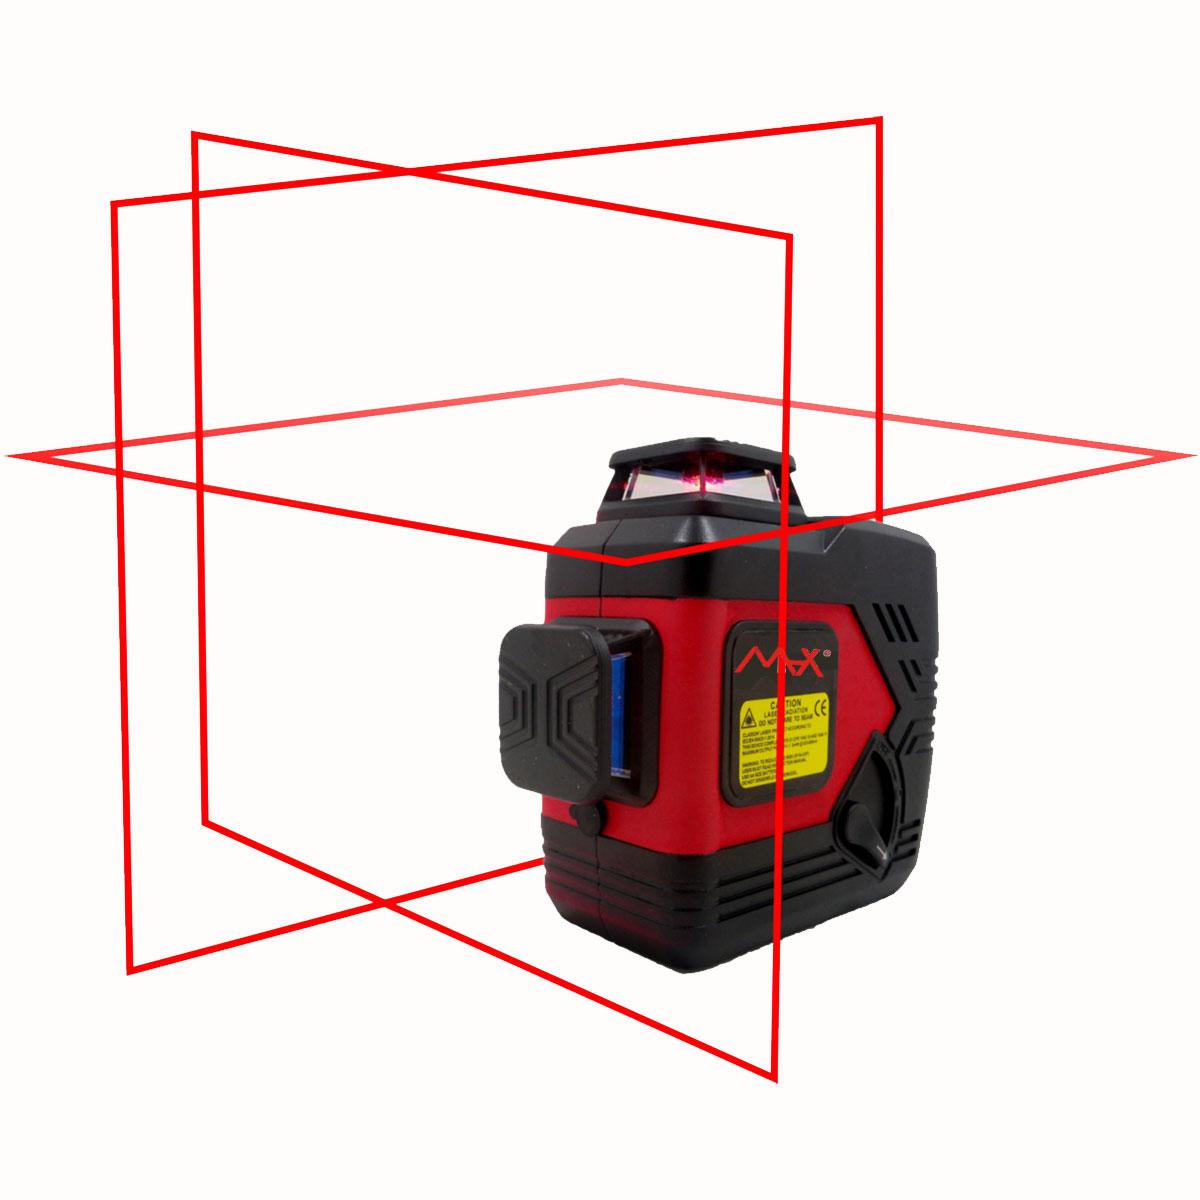 جهاز تحديد الشيرب 3 خط قطر 40 م 360°